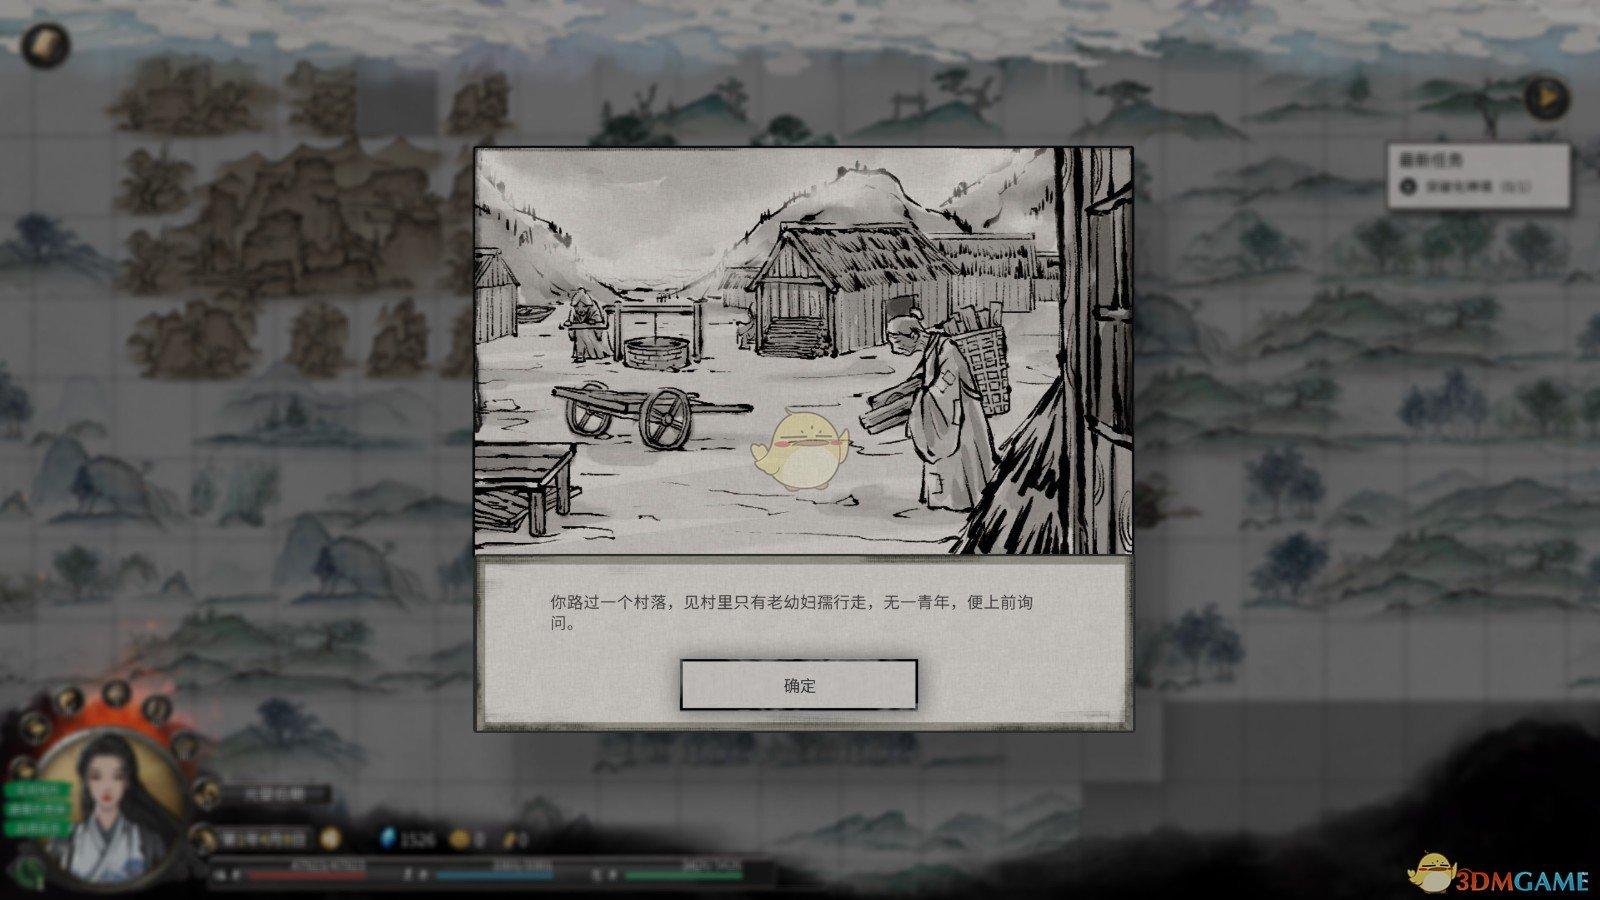 《鬼谷八荒》迷幻岛奇遇详细流程